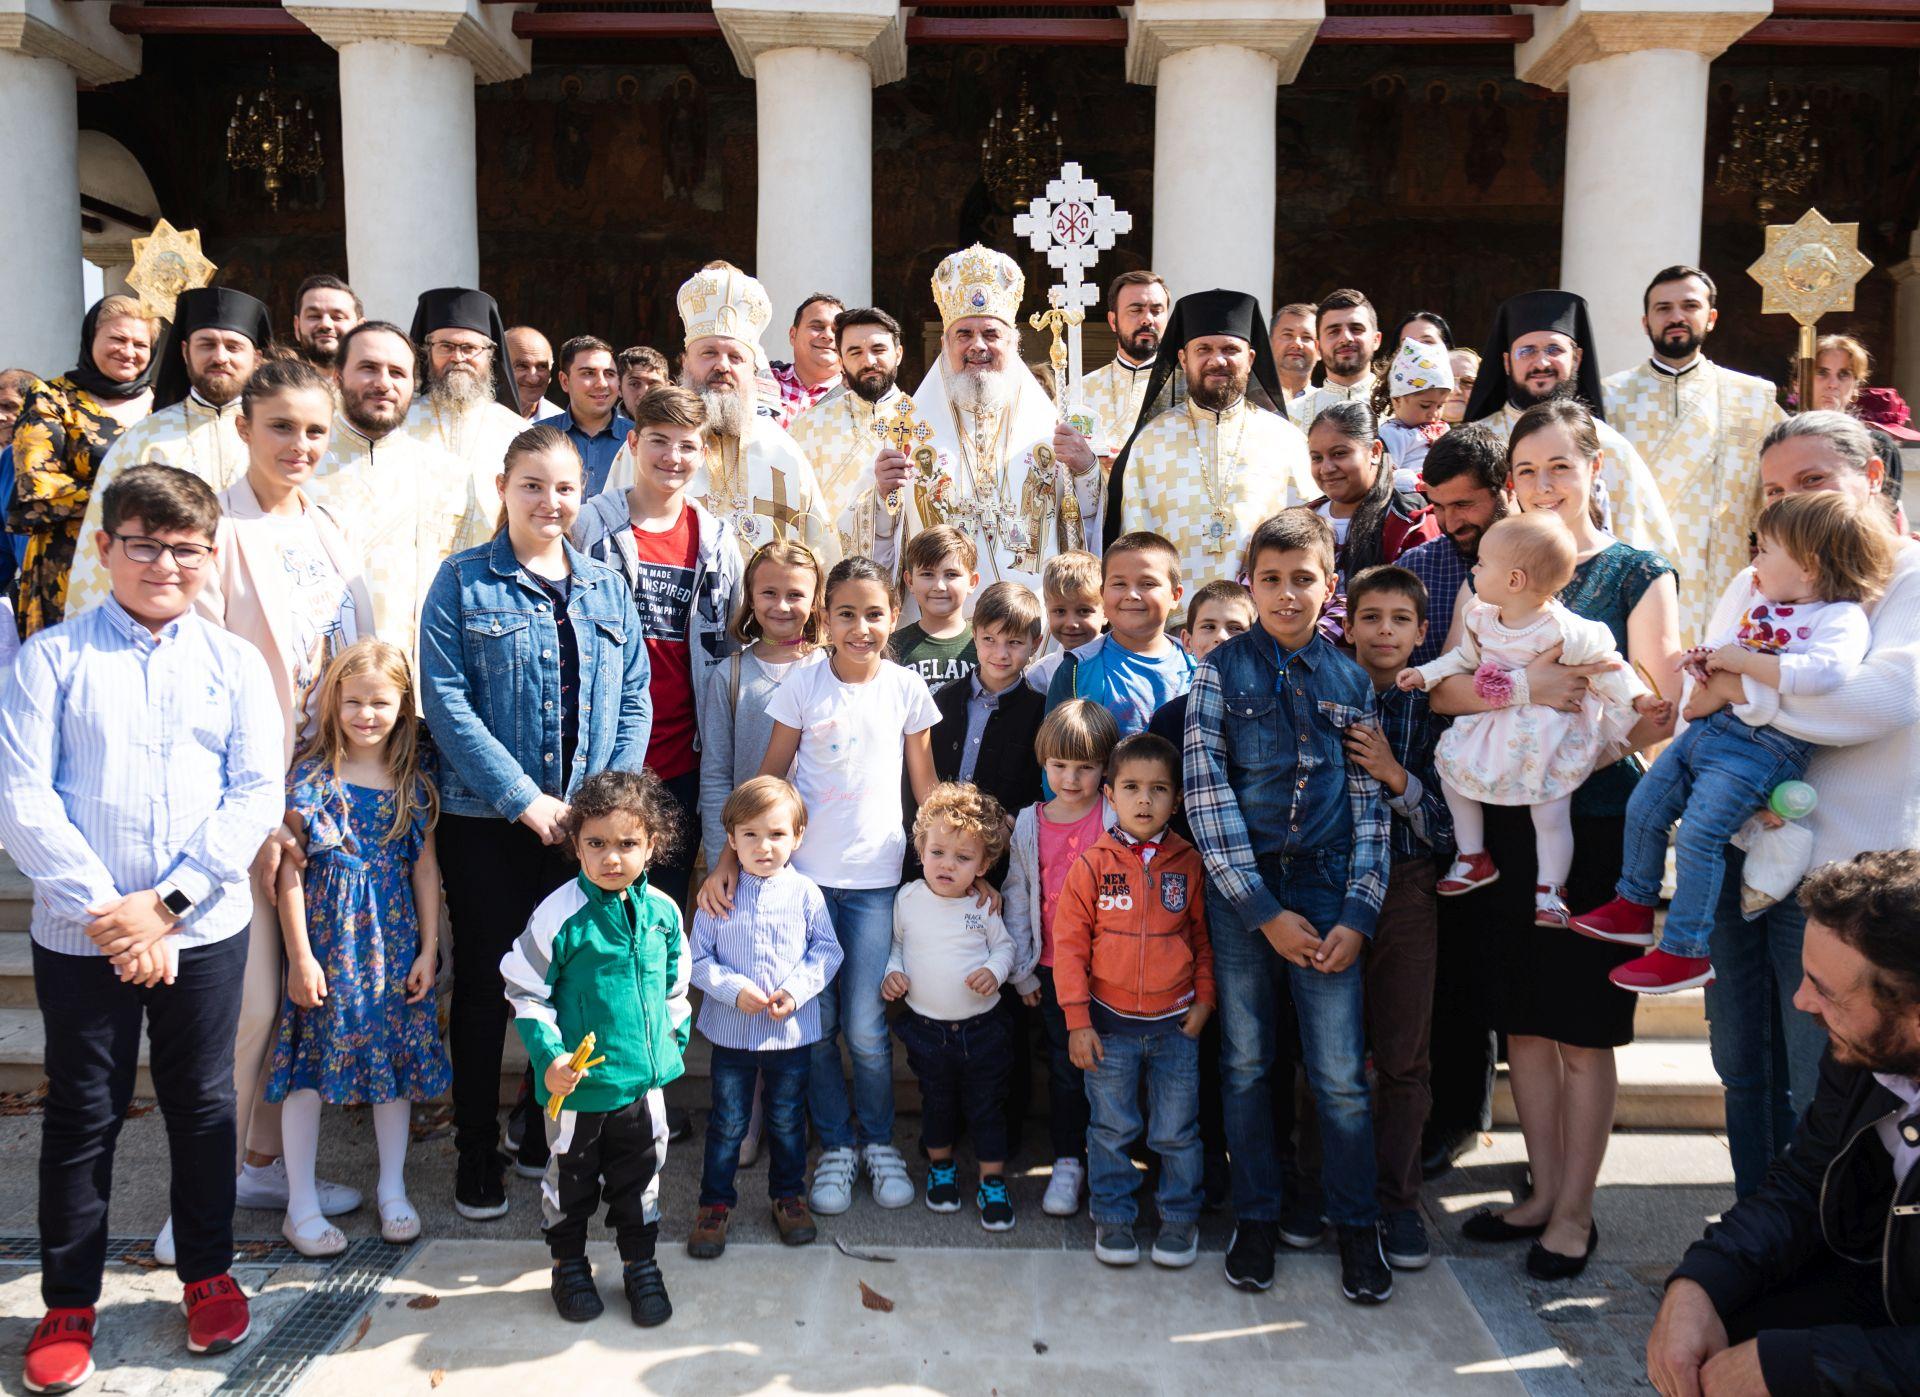 """PATRIARHUL DANIEL NE INDEAMNA <i>""""SA FIM MARTURISITORI, afirmand, aparand si promovand FAMILIA binecuvantata, bazata pe CASATORIA DINTRE UN BARBAT SI O FEMEIE""""</i>/ Mesajul Parintelui Episcop MACARIE DRAGOI cu privire la REFERENDUMUL din 6-7 octombrie 2018/ FANATISMUL ANTICRESTIN al """"influencerilor"""" si JOCUL SANTAJULUI, INTIMIDARII, MARGINALIZARII Bisericii"""